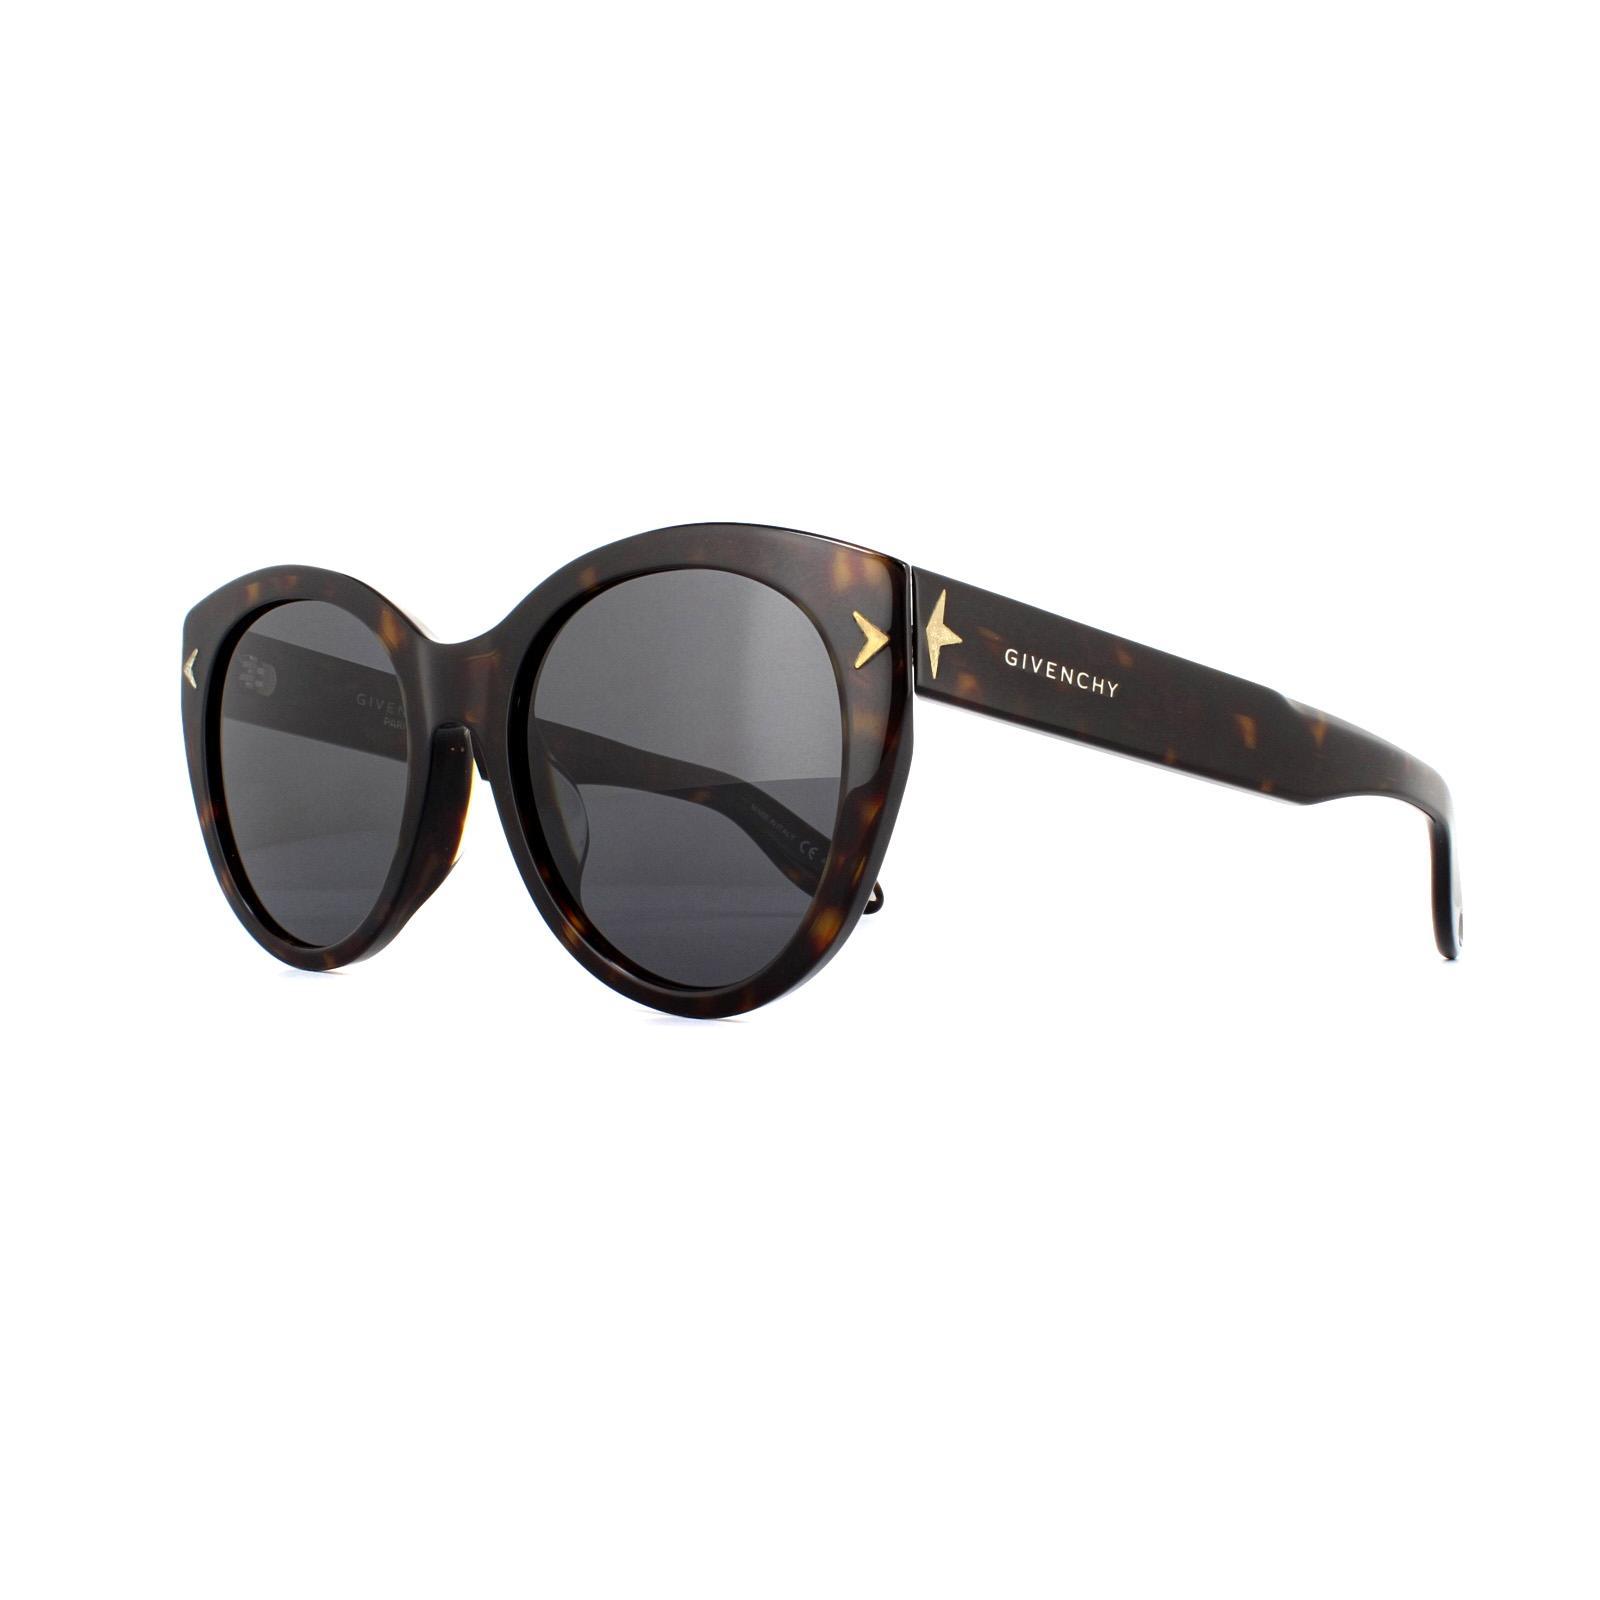 selezione migliore 2dddf 65736 Dettagli su Givenchy Occhiali da Sole GV 7025/F/S 086/E5 Tartaruga Grigio